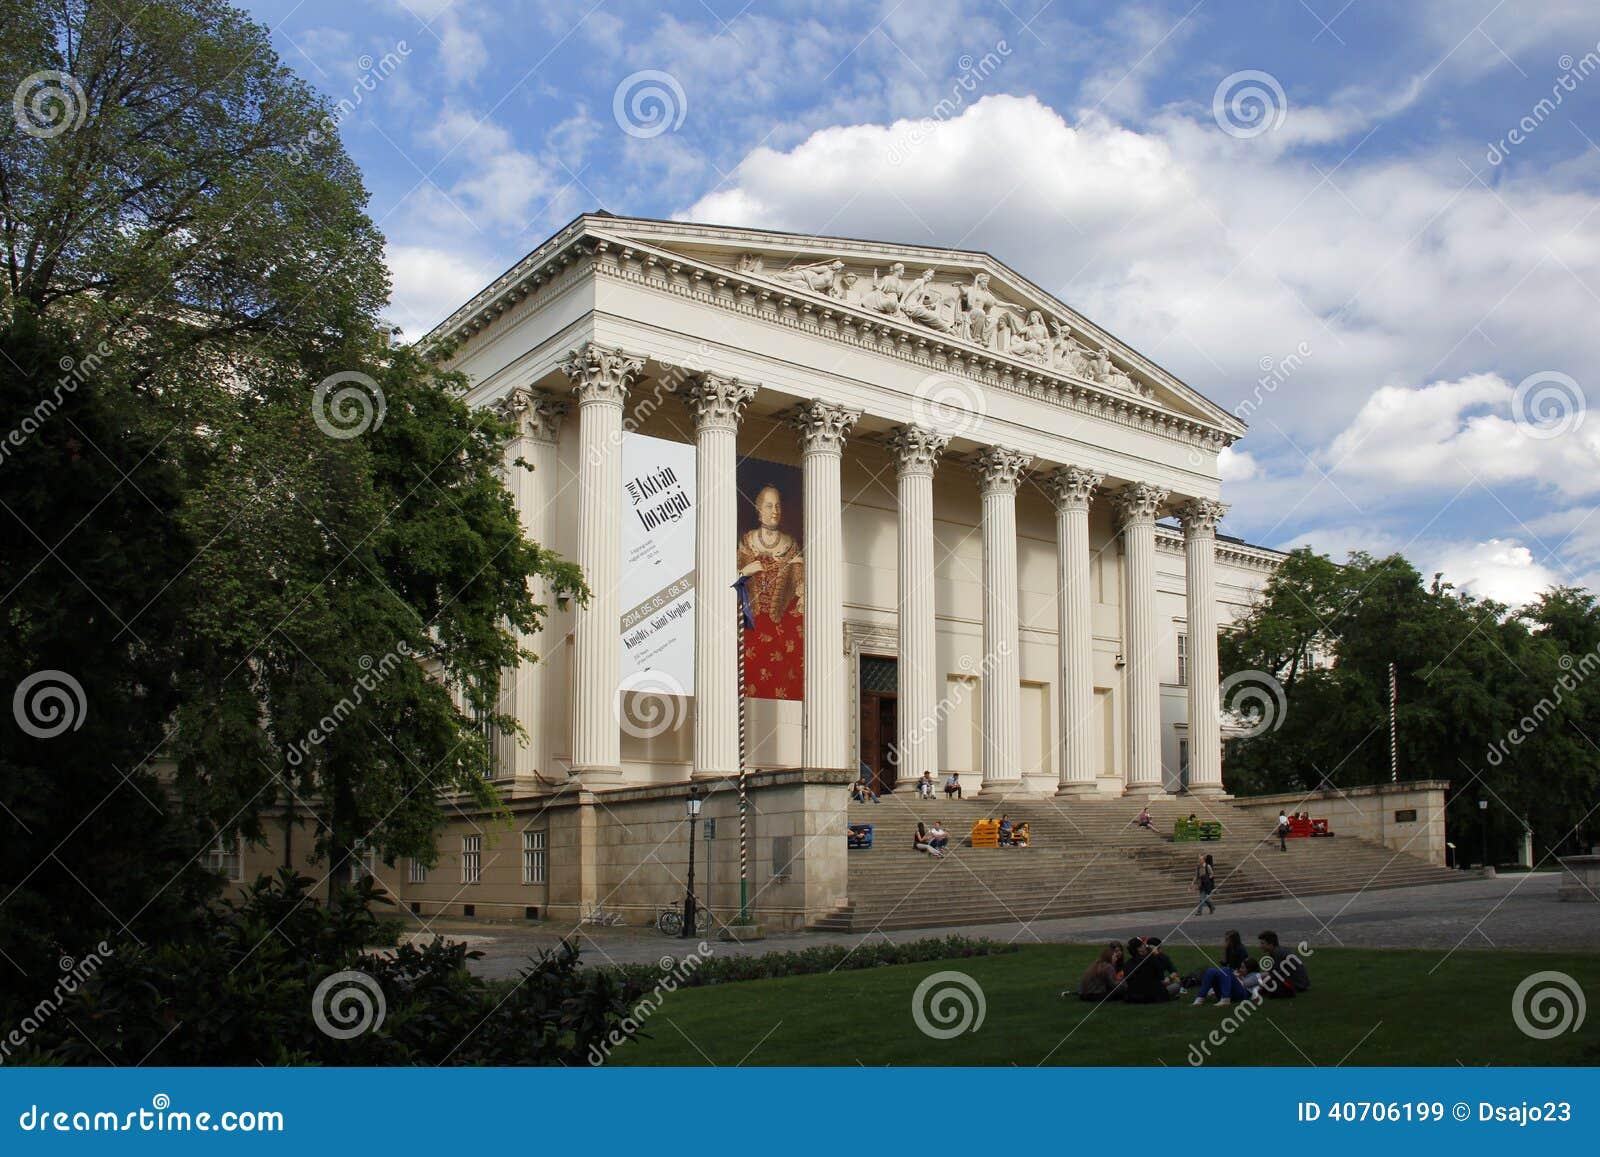 БУДАПЕШТ/ВЕНГРИЯ - 9-ОЕ МАЯ: Венгерский Национальный музей, 9-ого мая 2014 в Будапеште/Венгрии